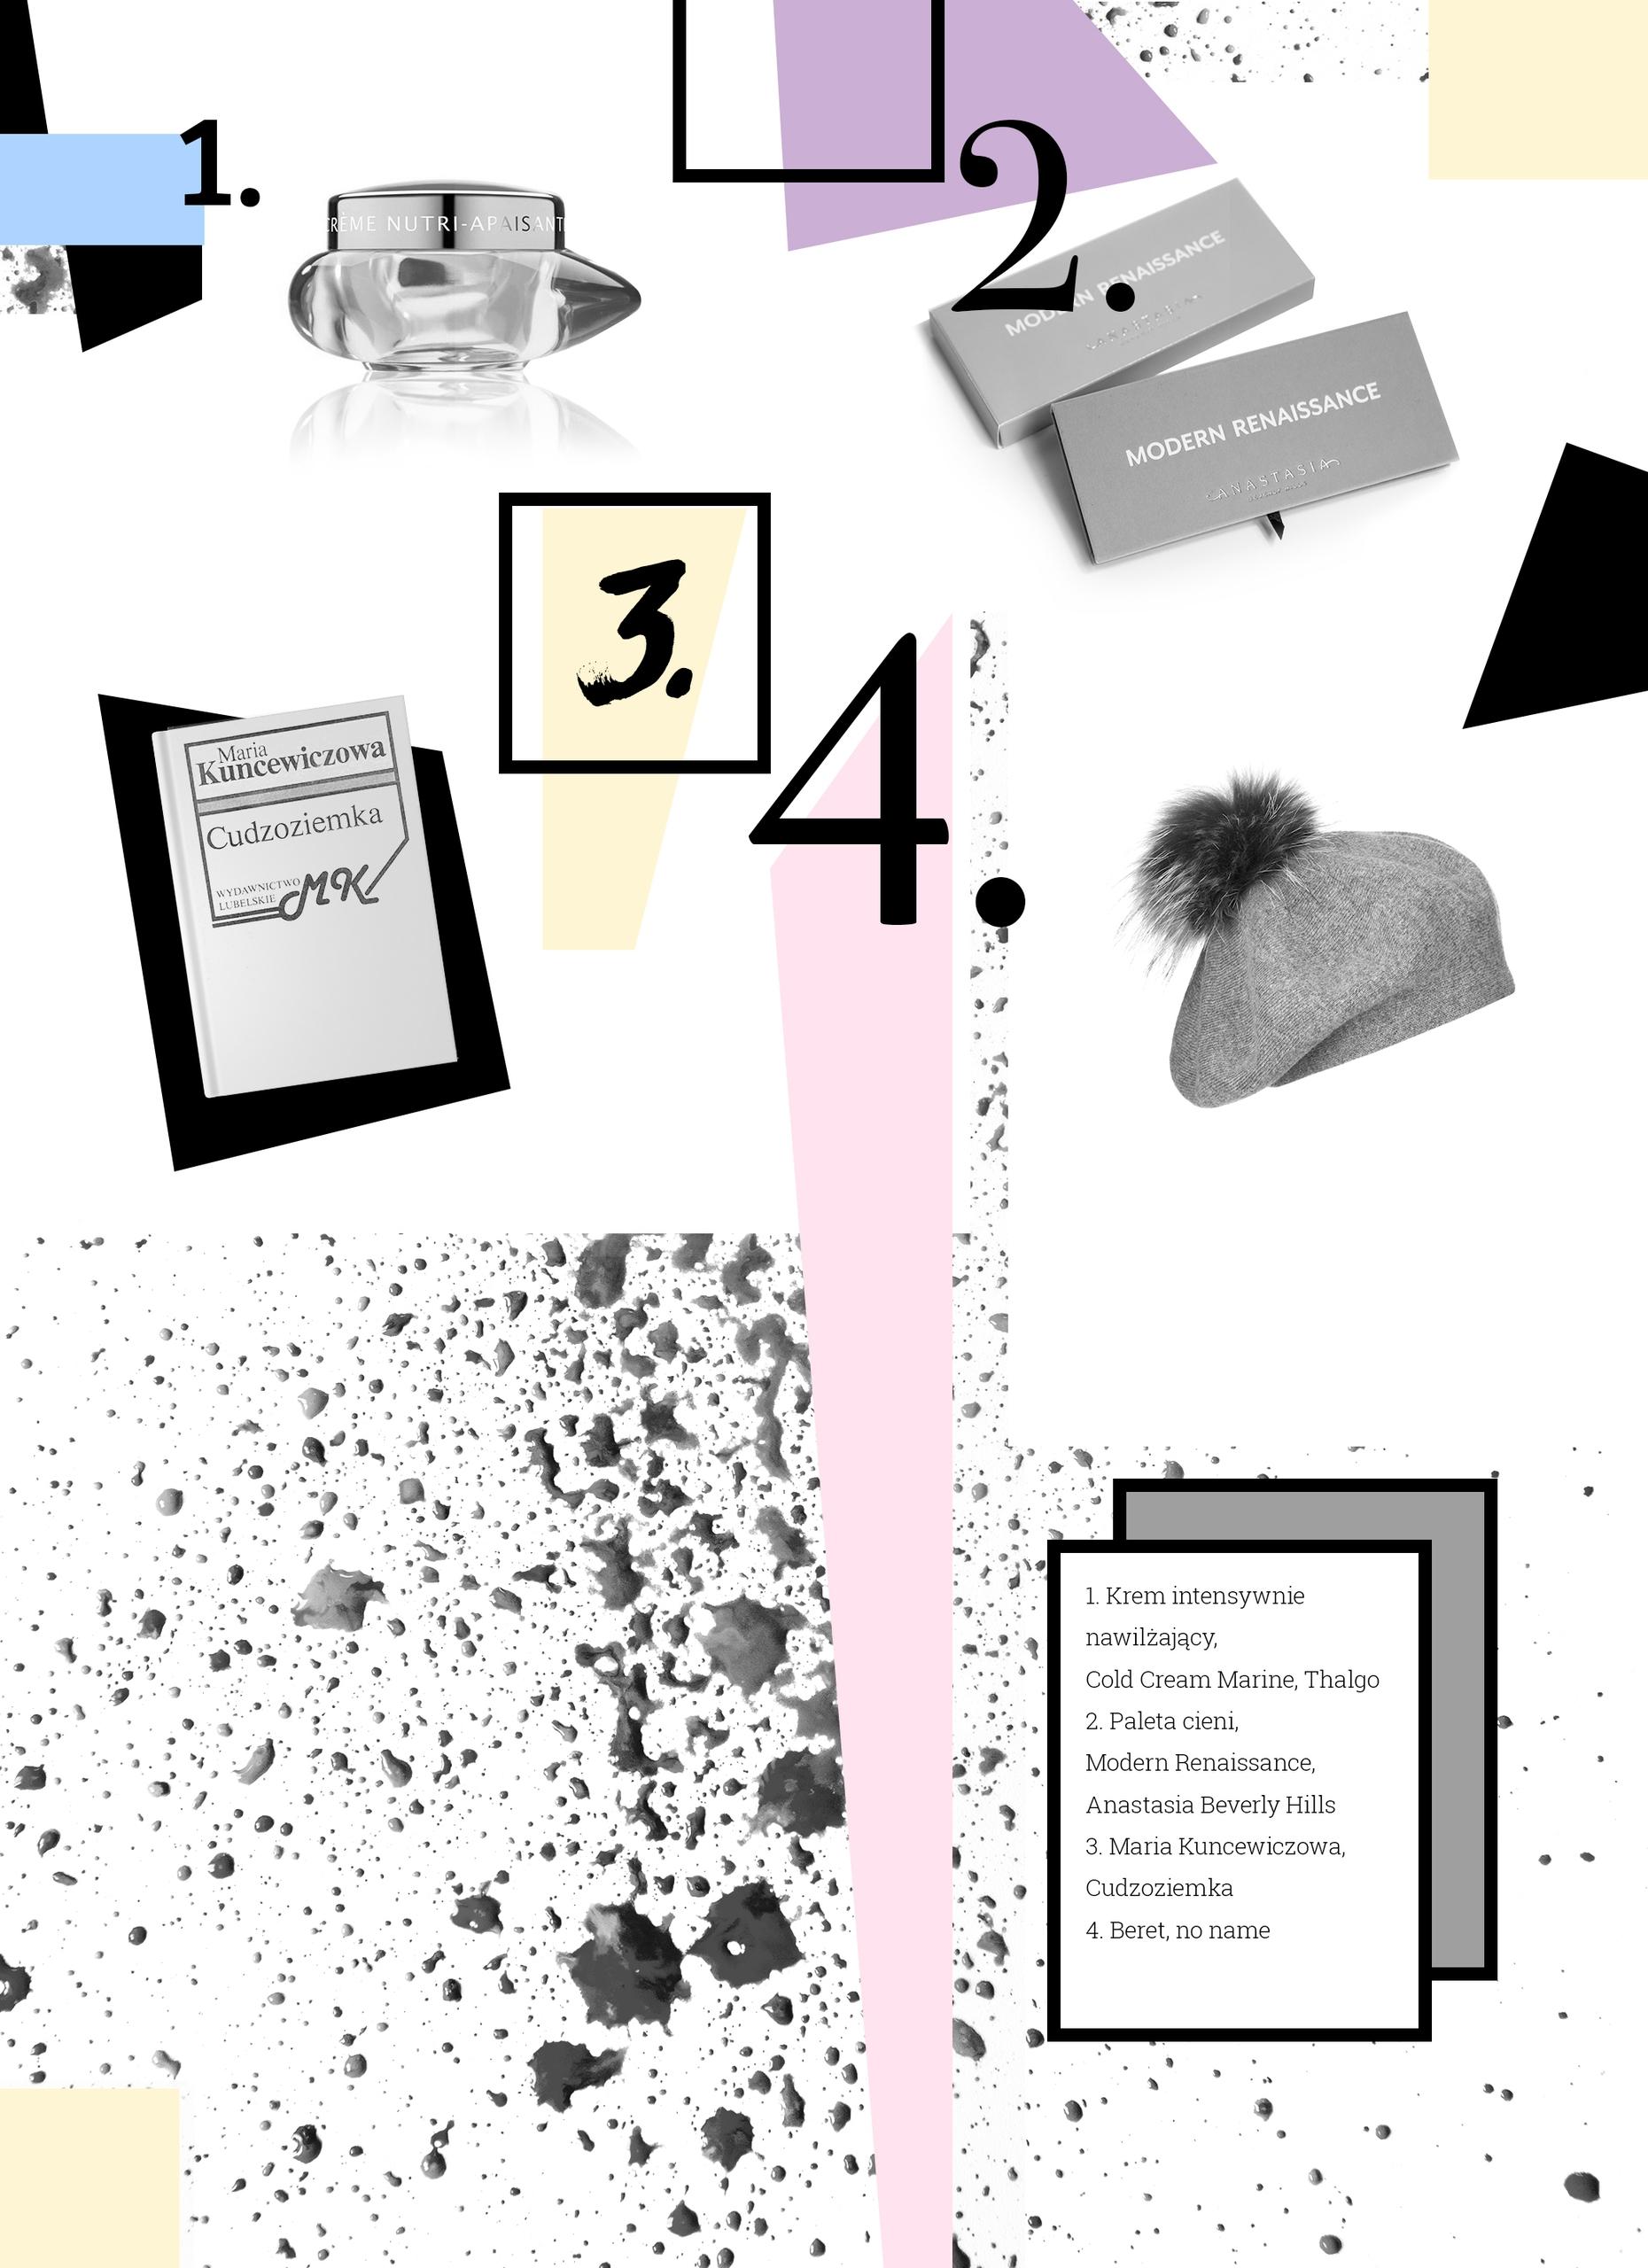 Obraz przedstawia grafikę złożoną z czarno-białych zdjęć, cyfr i kolorowych kształtów.